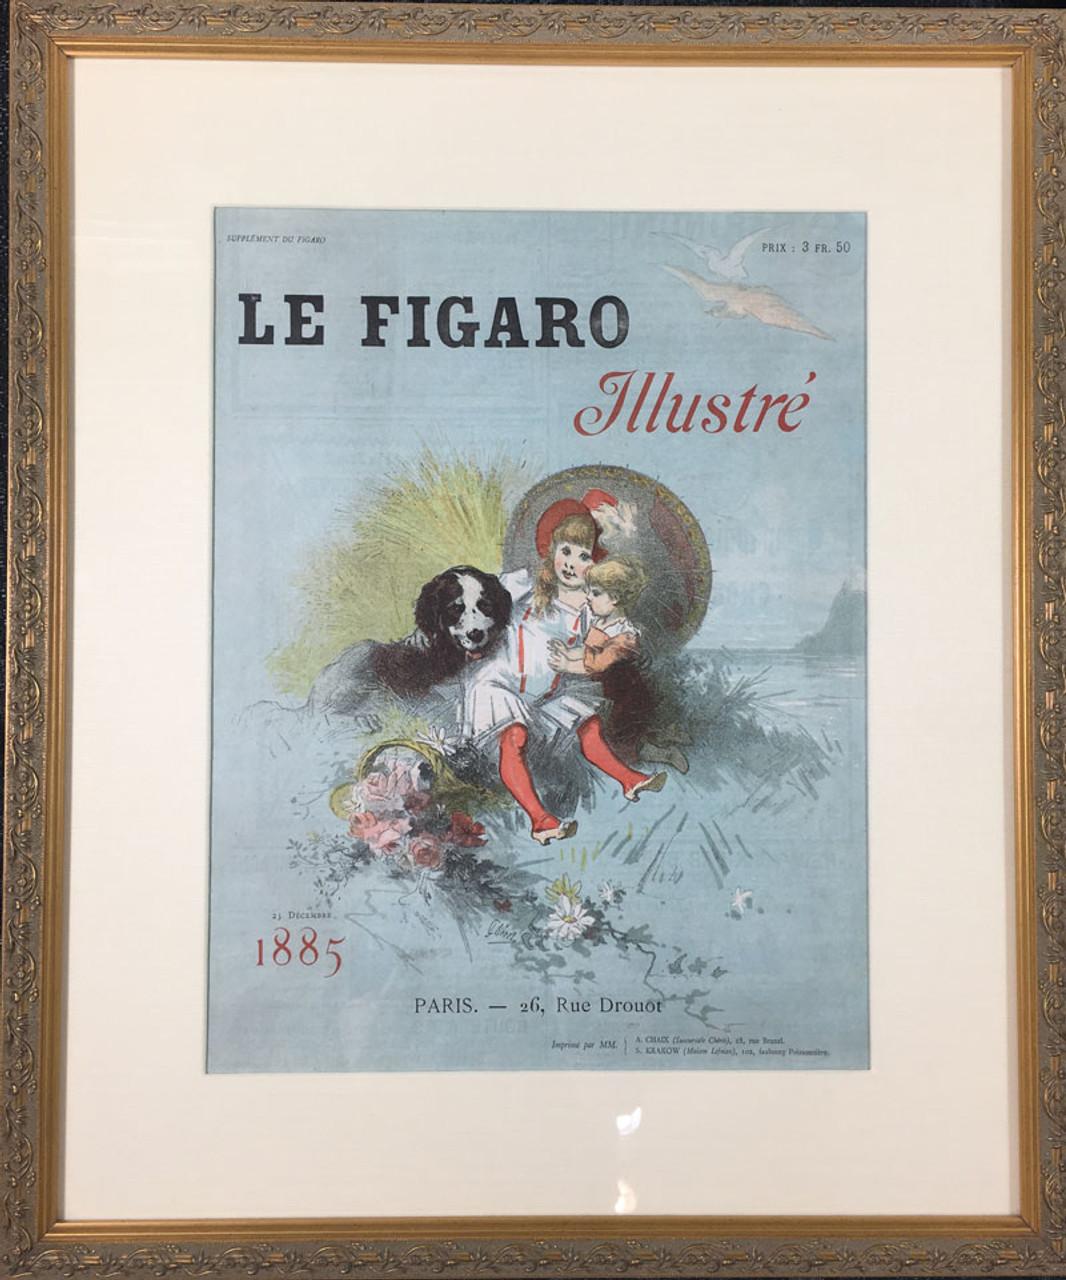 Le Figaro Magazine Cover